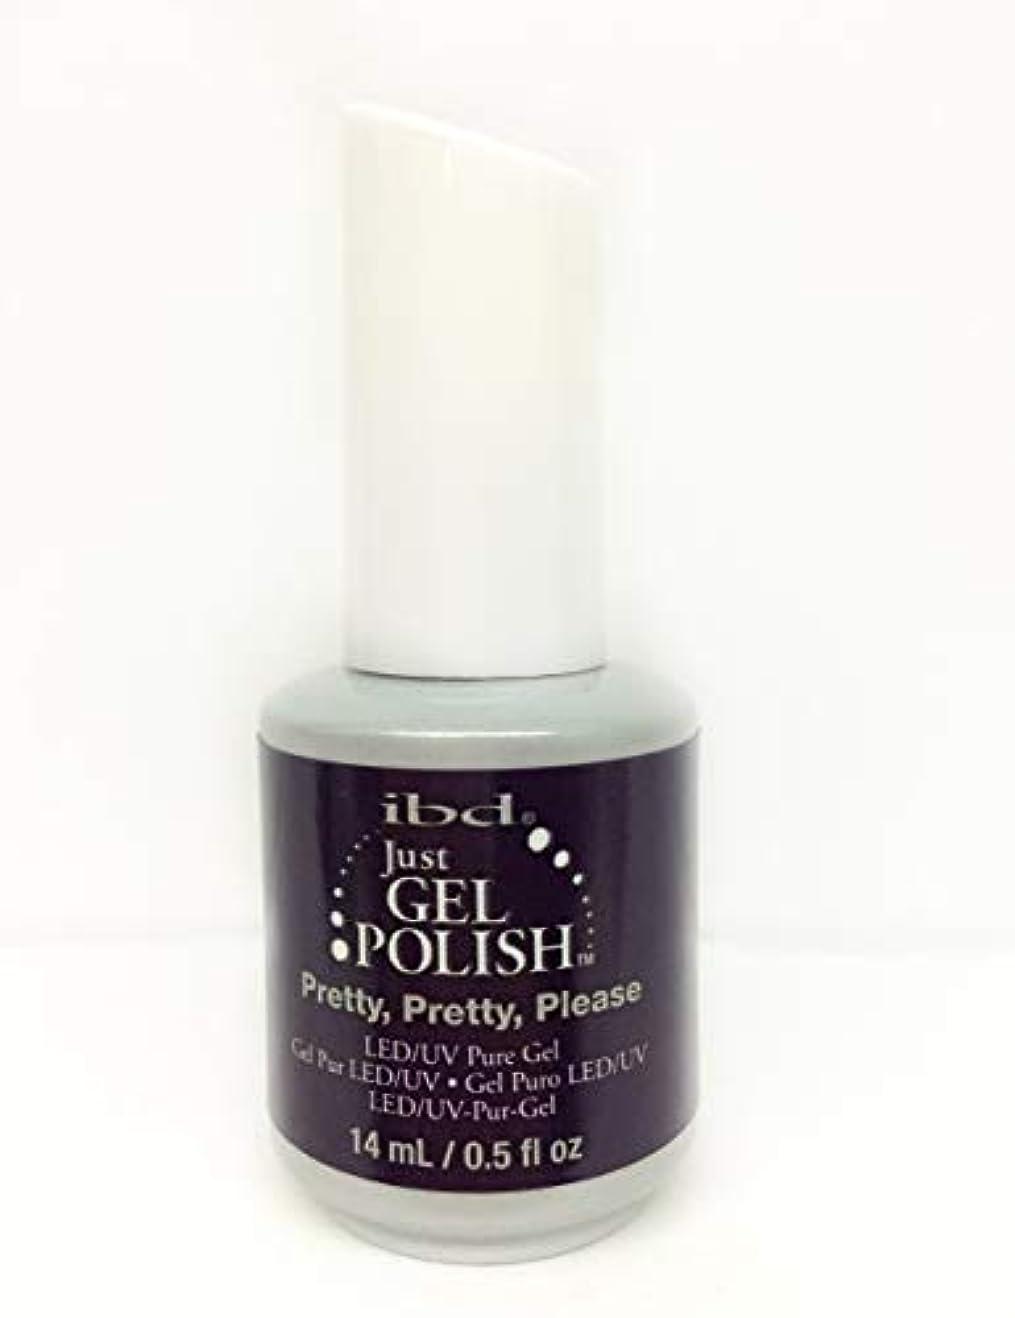 トロピカルまぶしさ火薬ibd Just Gel Nail Polish - Pretty, Pretty, Please - 14ml / 0.5oz